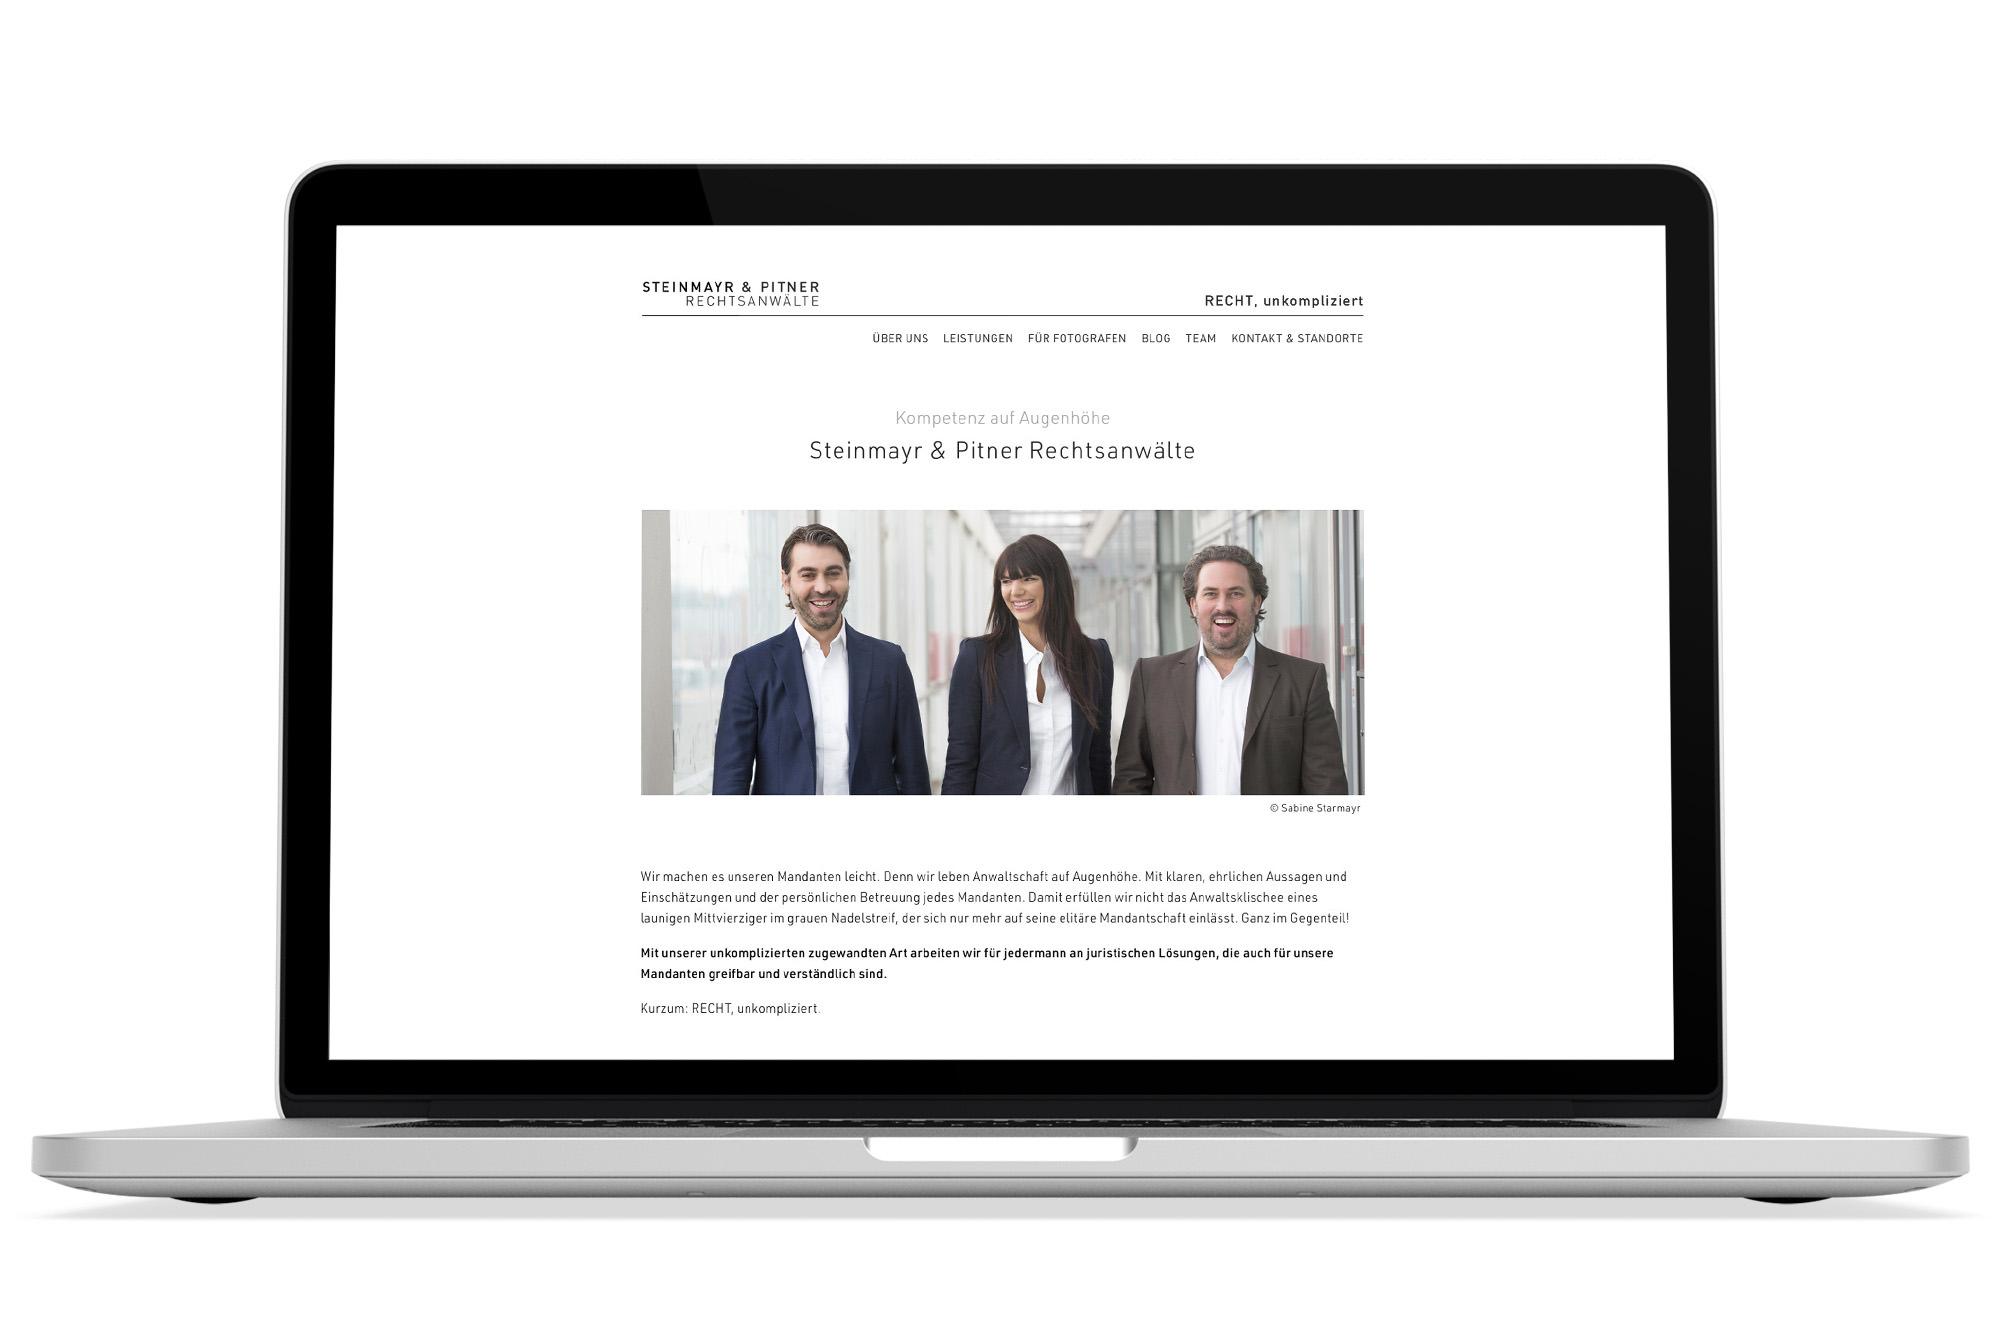 Webdesign Beispiel: Responsive Webdesign, WordPress, SEO für Rechtsanwalt/Anwaltskanzlei Wien, Oberösterreich